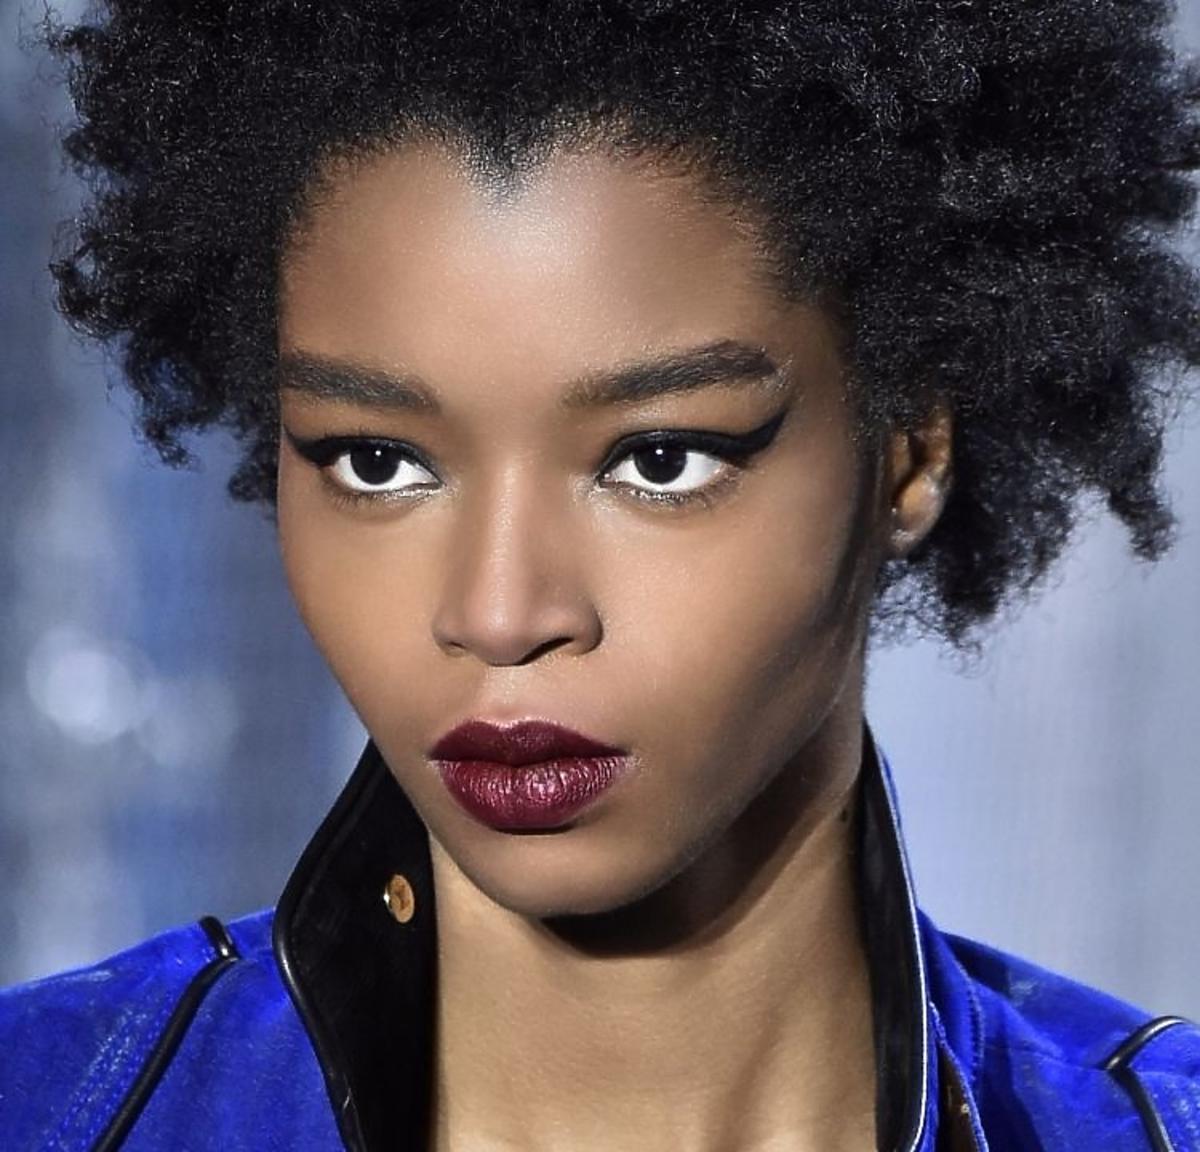 Trendy w makijażu na jesień 2019: usta w kolorze bakłażana /Louis Vuitton